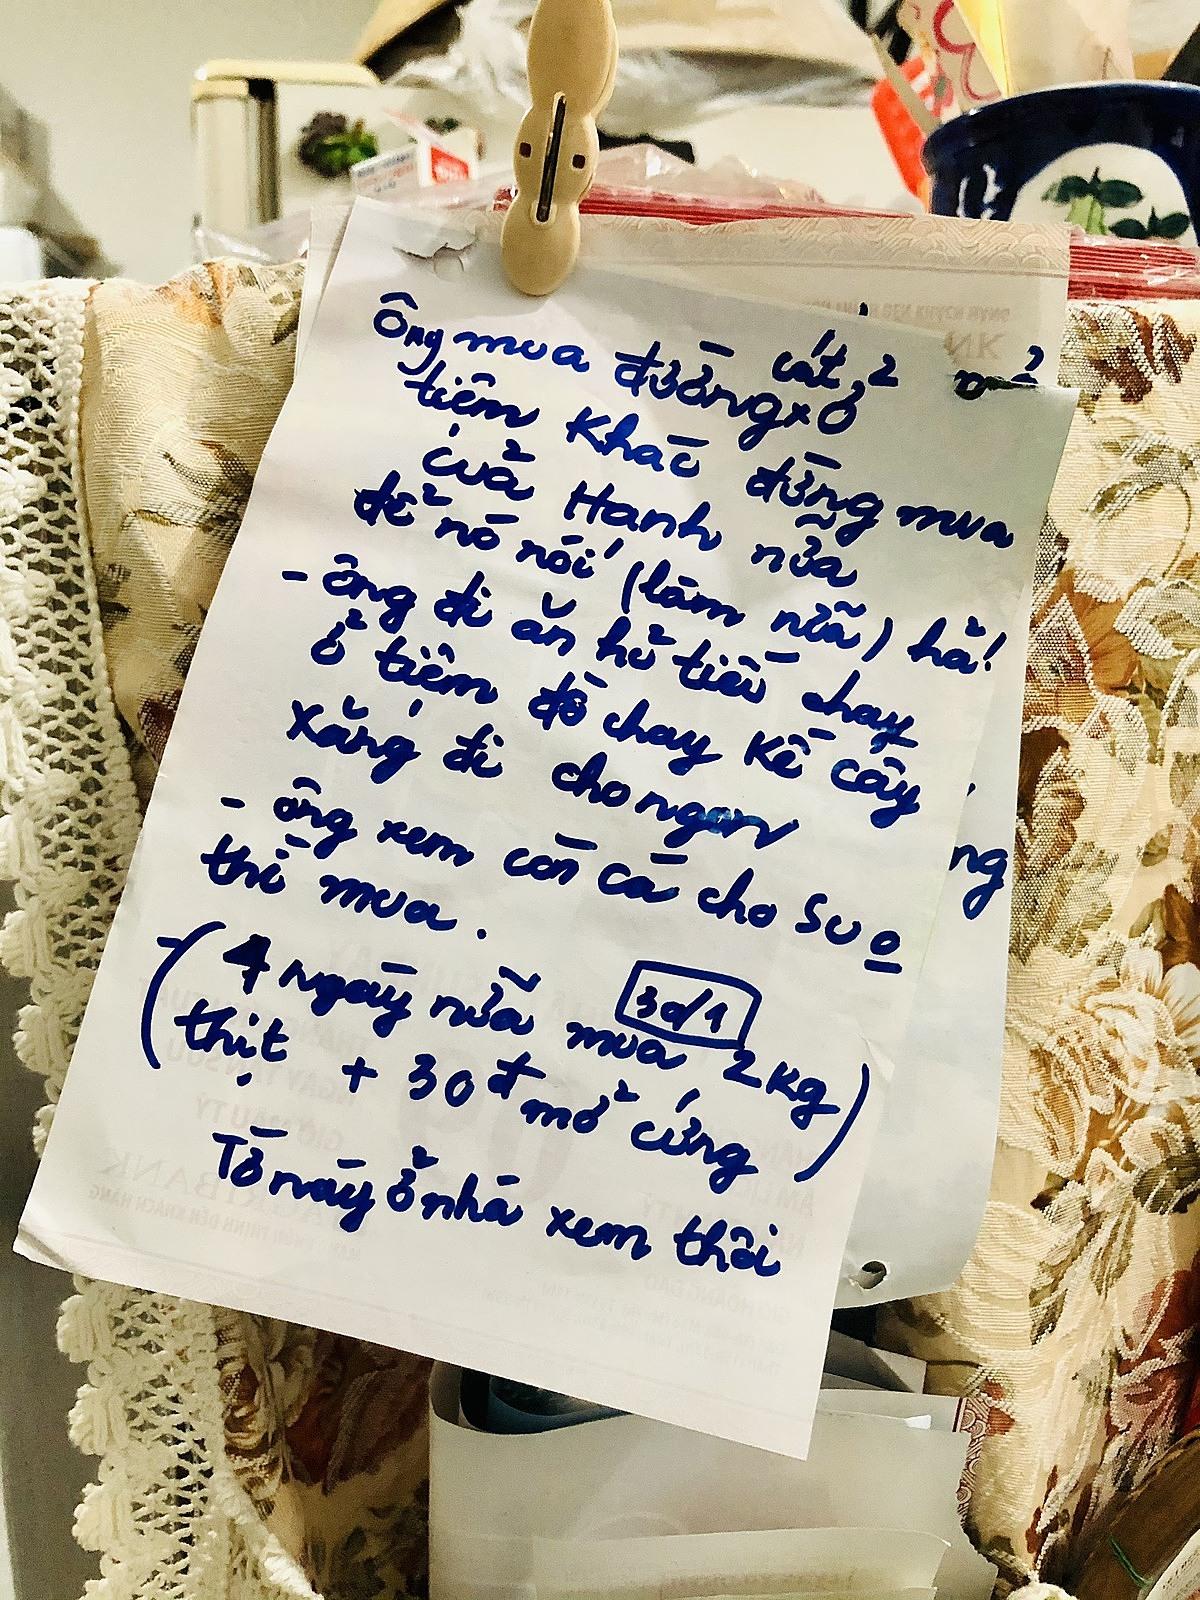 Tờ giấy bà Đức dặn chồng để ở nhà xem đừng đưa cho người bán. Ảnh: Trúc Quyên.